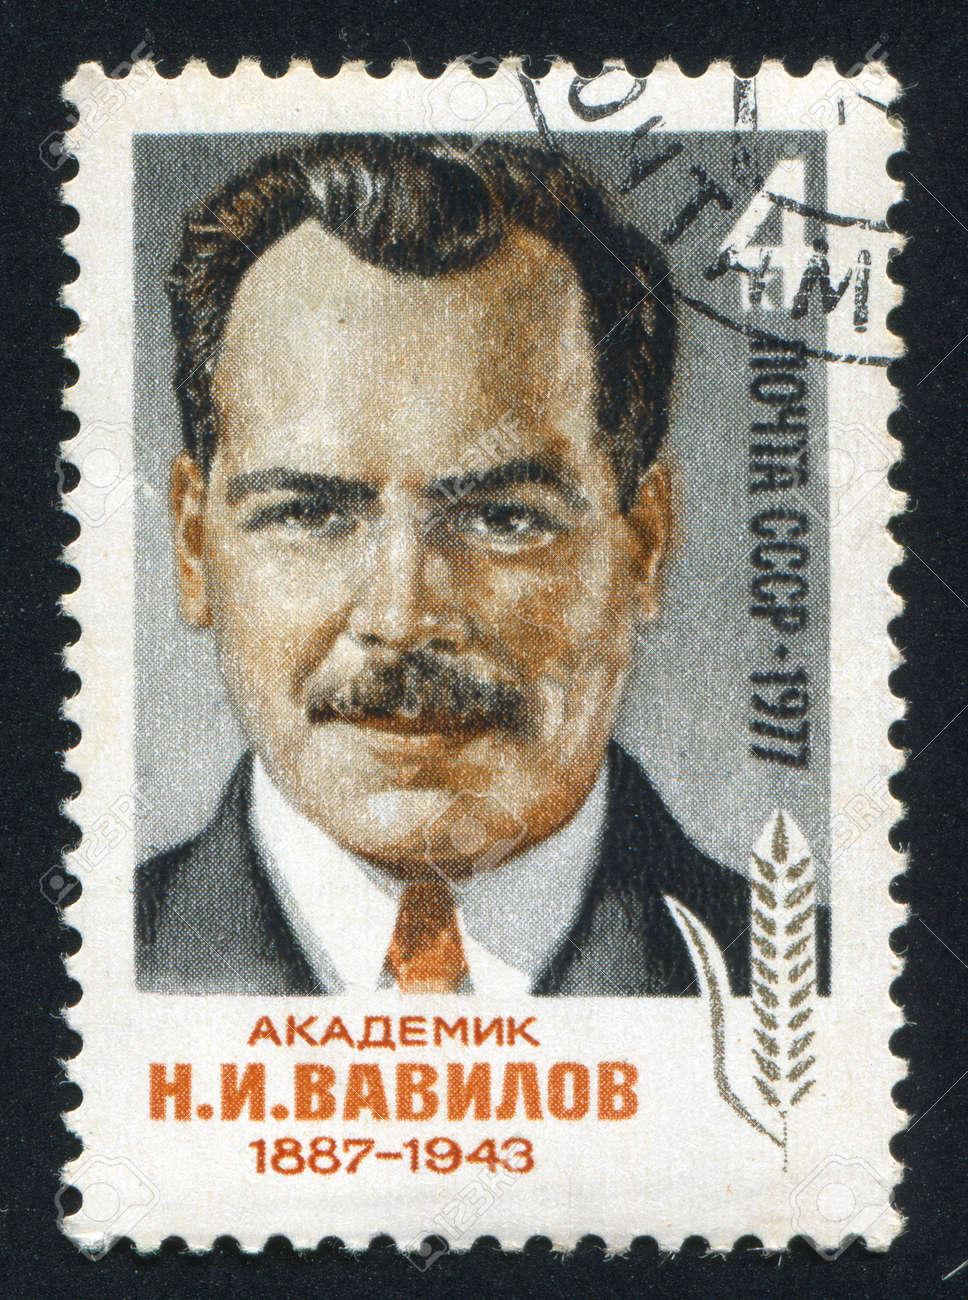 ロシア - 1977 年ごろ: 切手が、ロシアに印刷された 1977 年ごろ N. I. ...